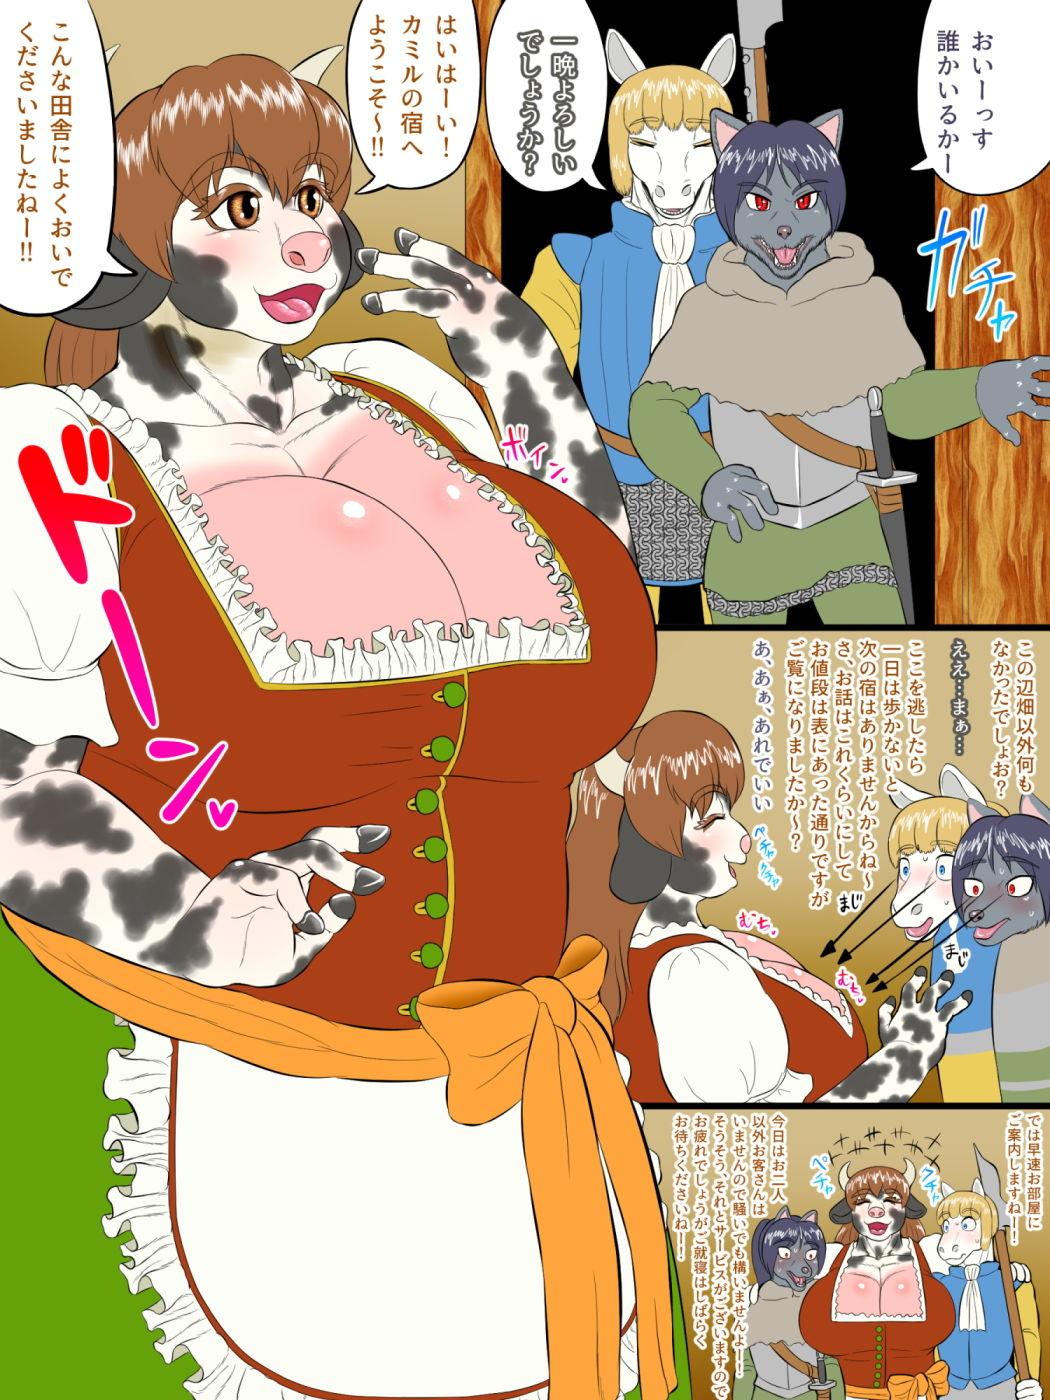 亜人録 〜未亡女将のミノタウロス〜